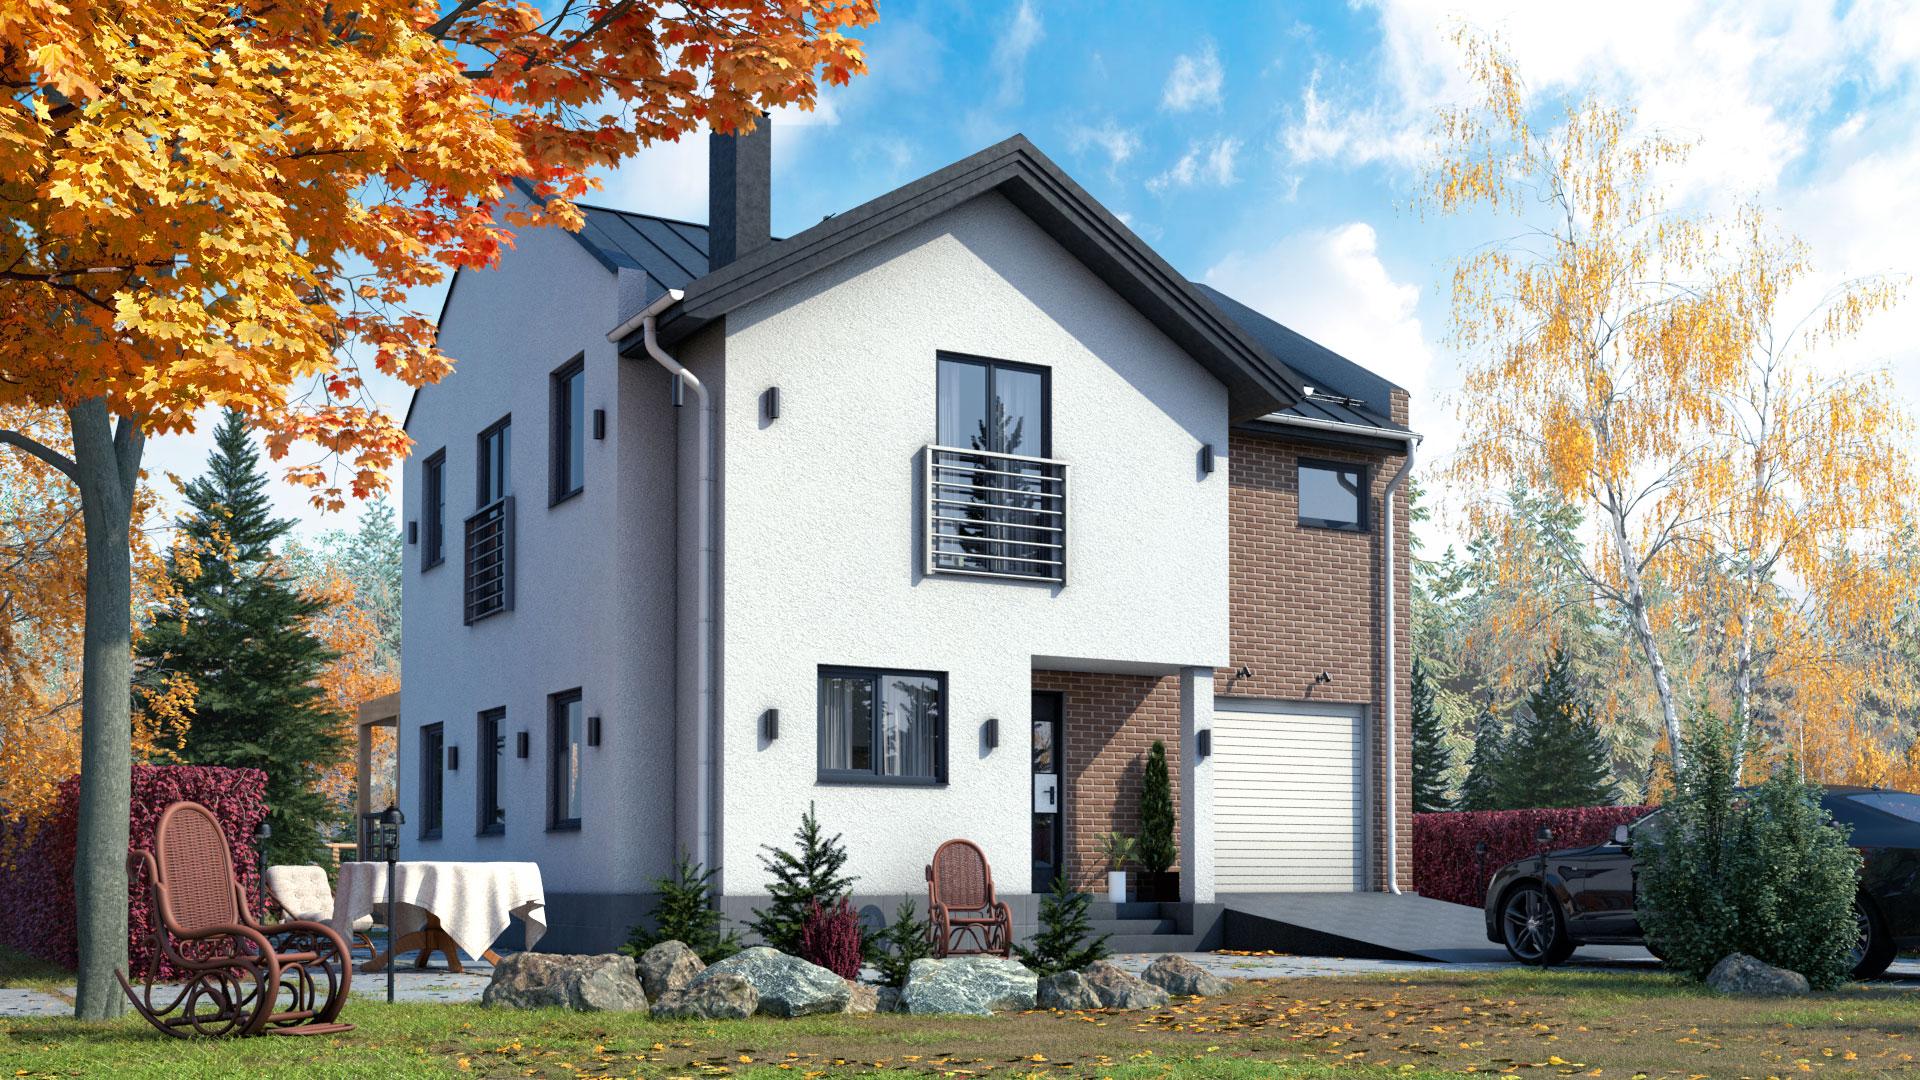 Передний фасад дома 9 на 9 м., двухэтажного, 118,4 м2. Проект БП-158.